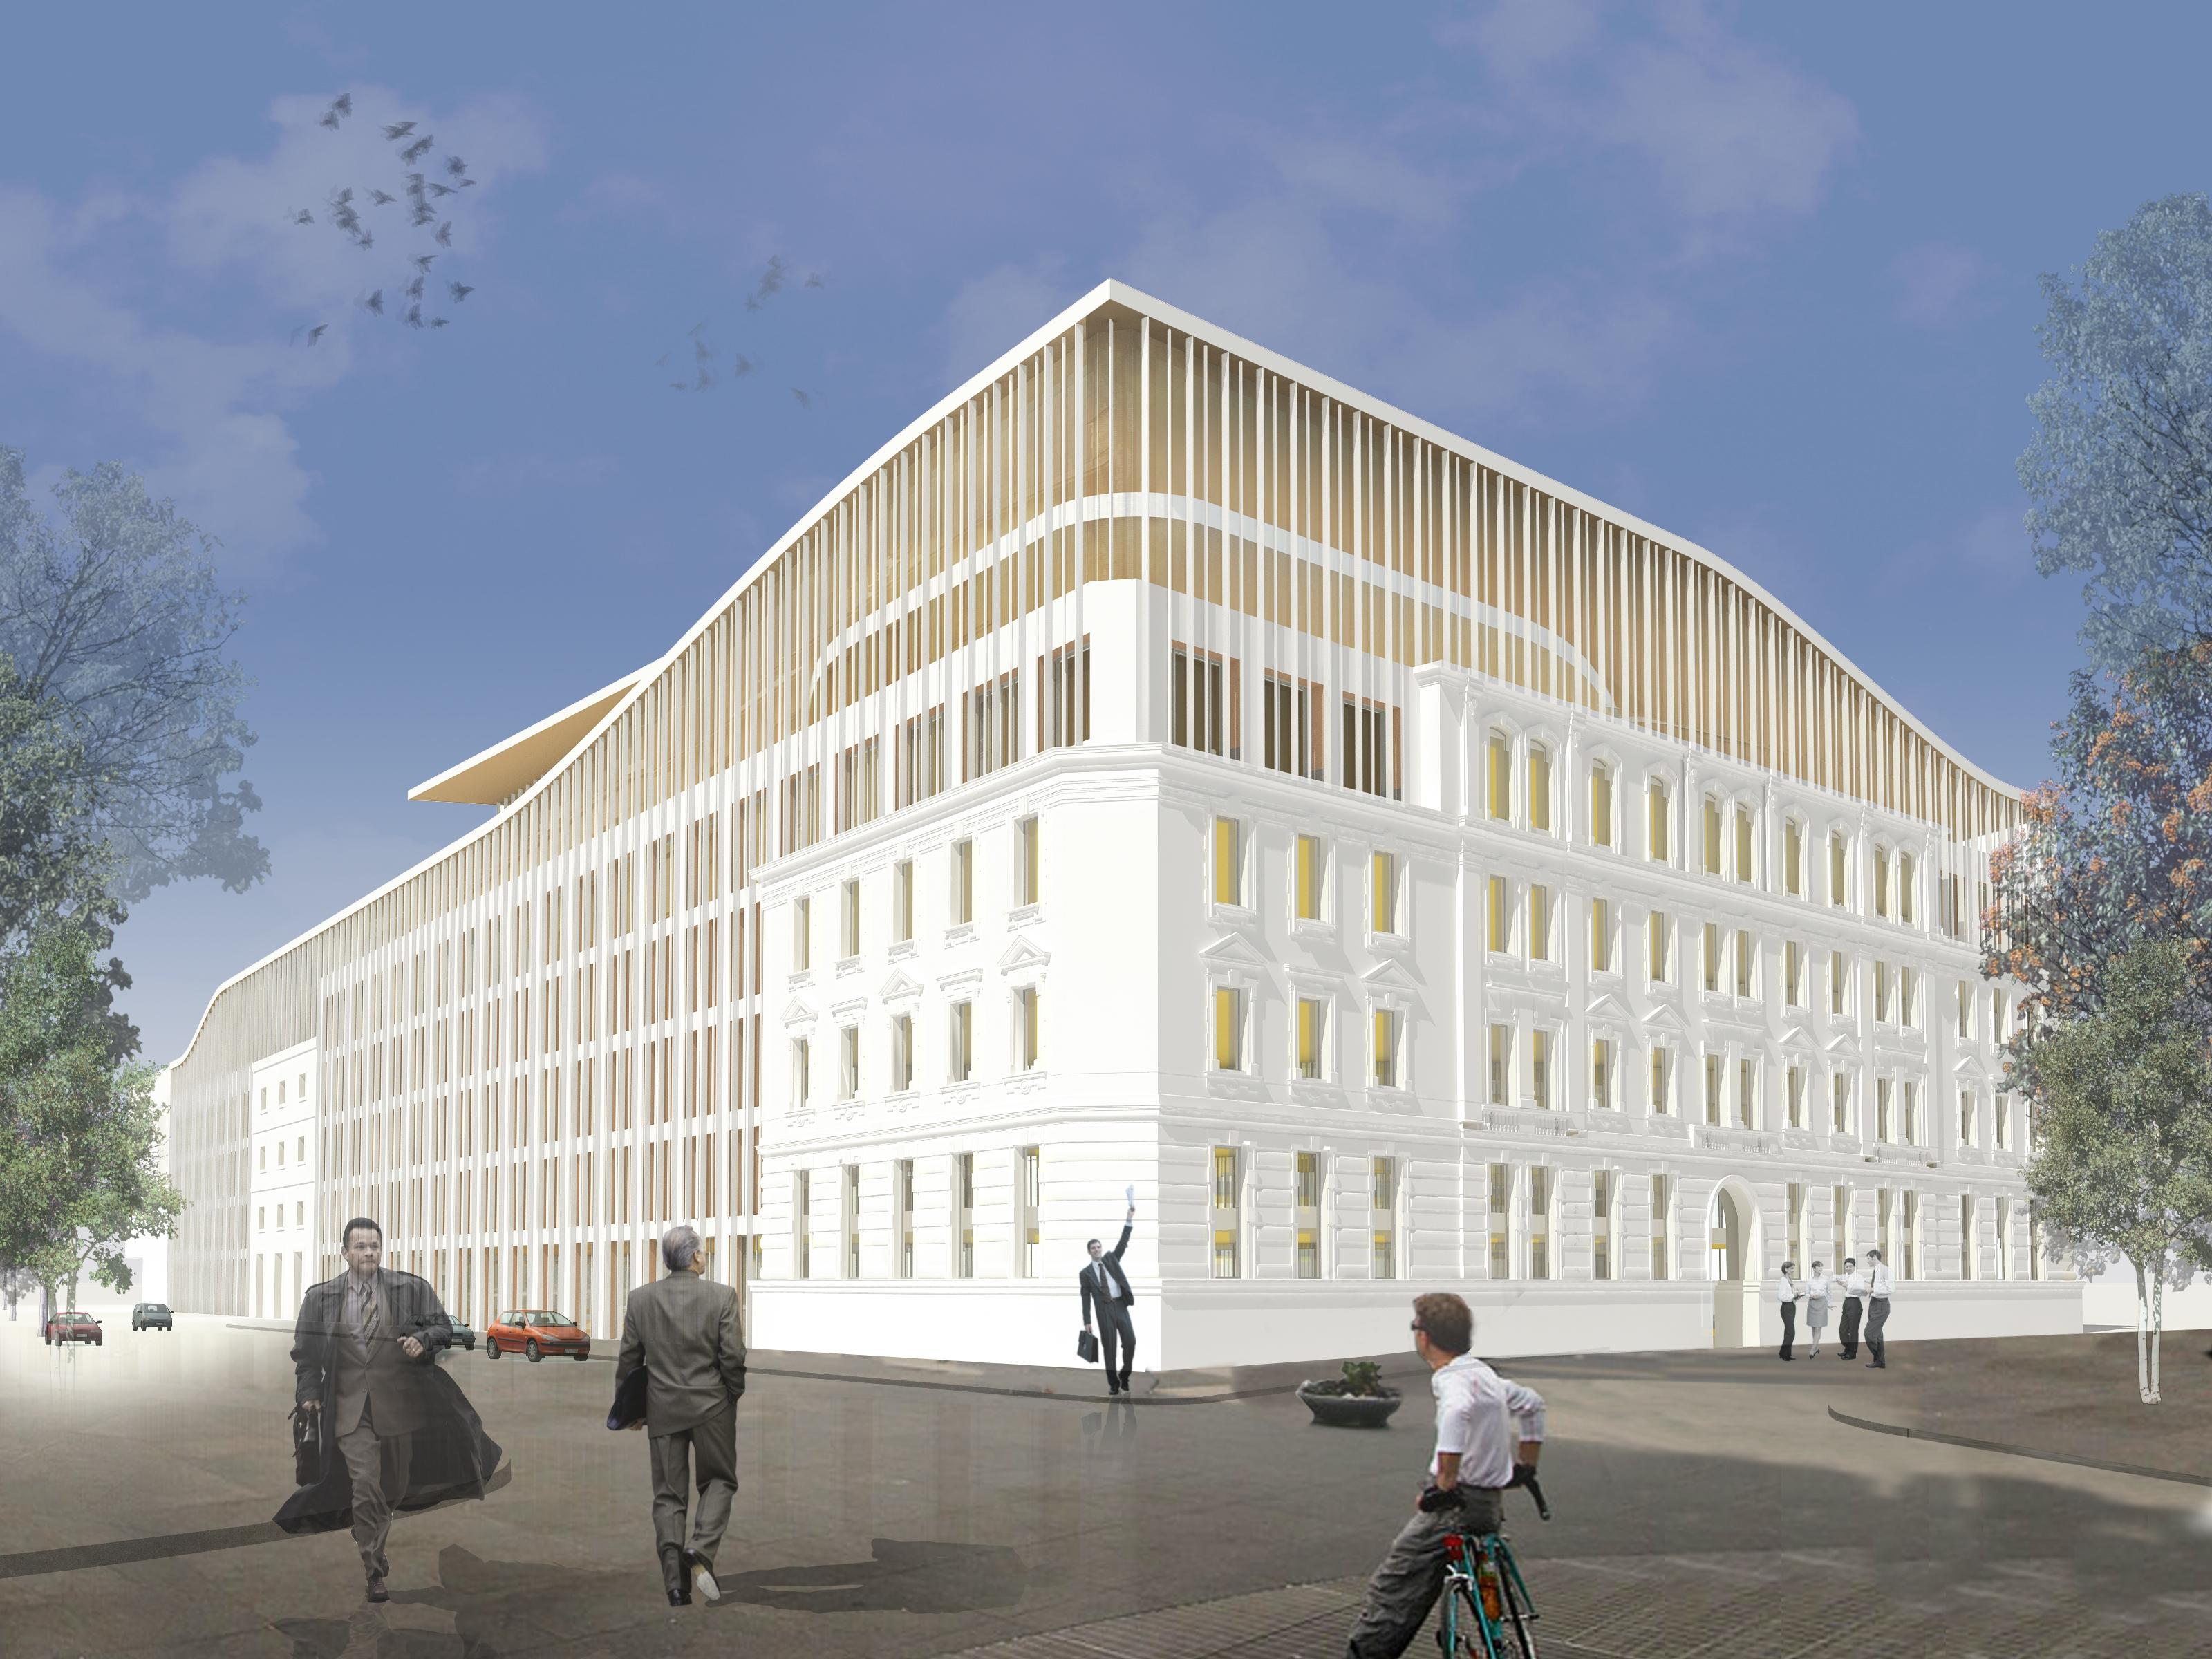 Óriási irodakomplexumot építenek a Bem téren